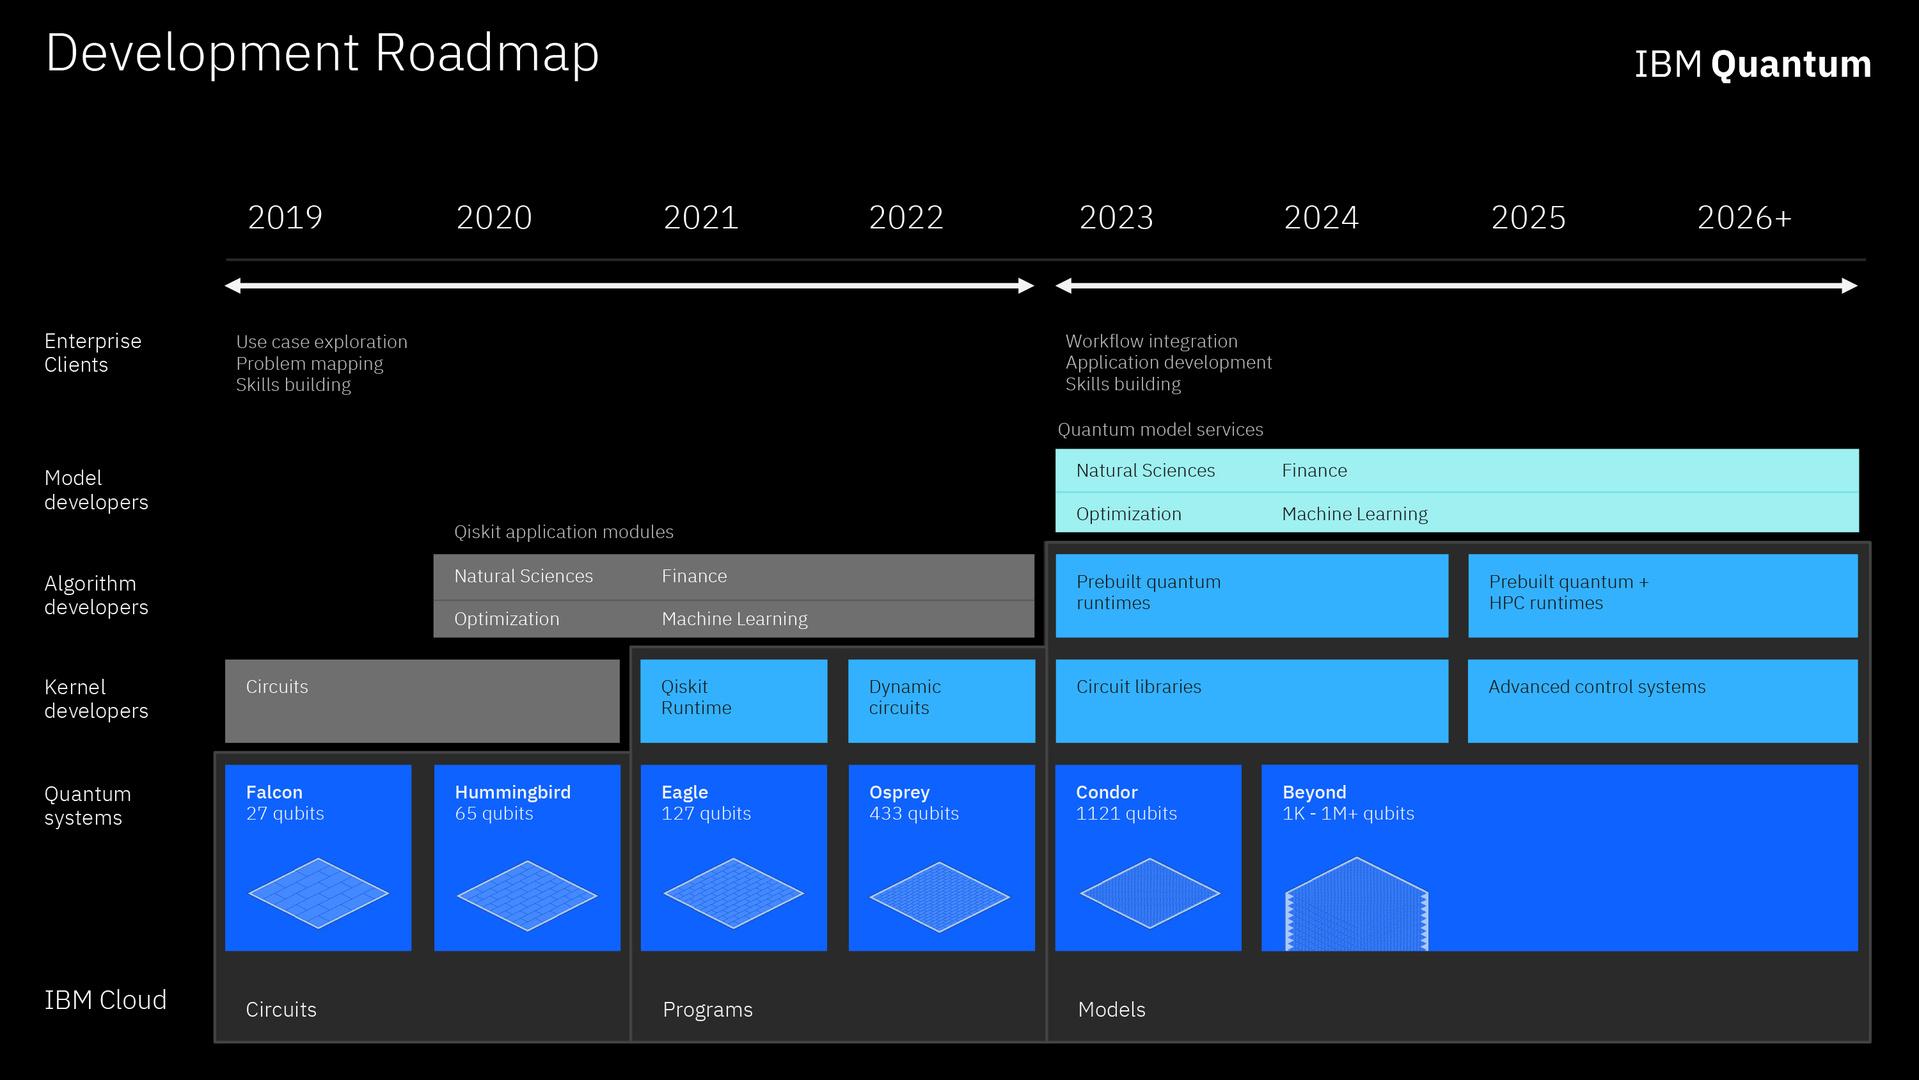 IBM Research IBM Quantum Development Roadmap